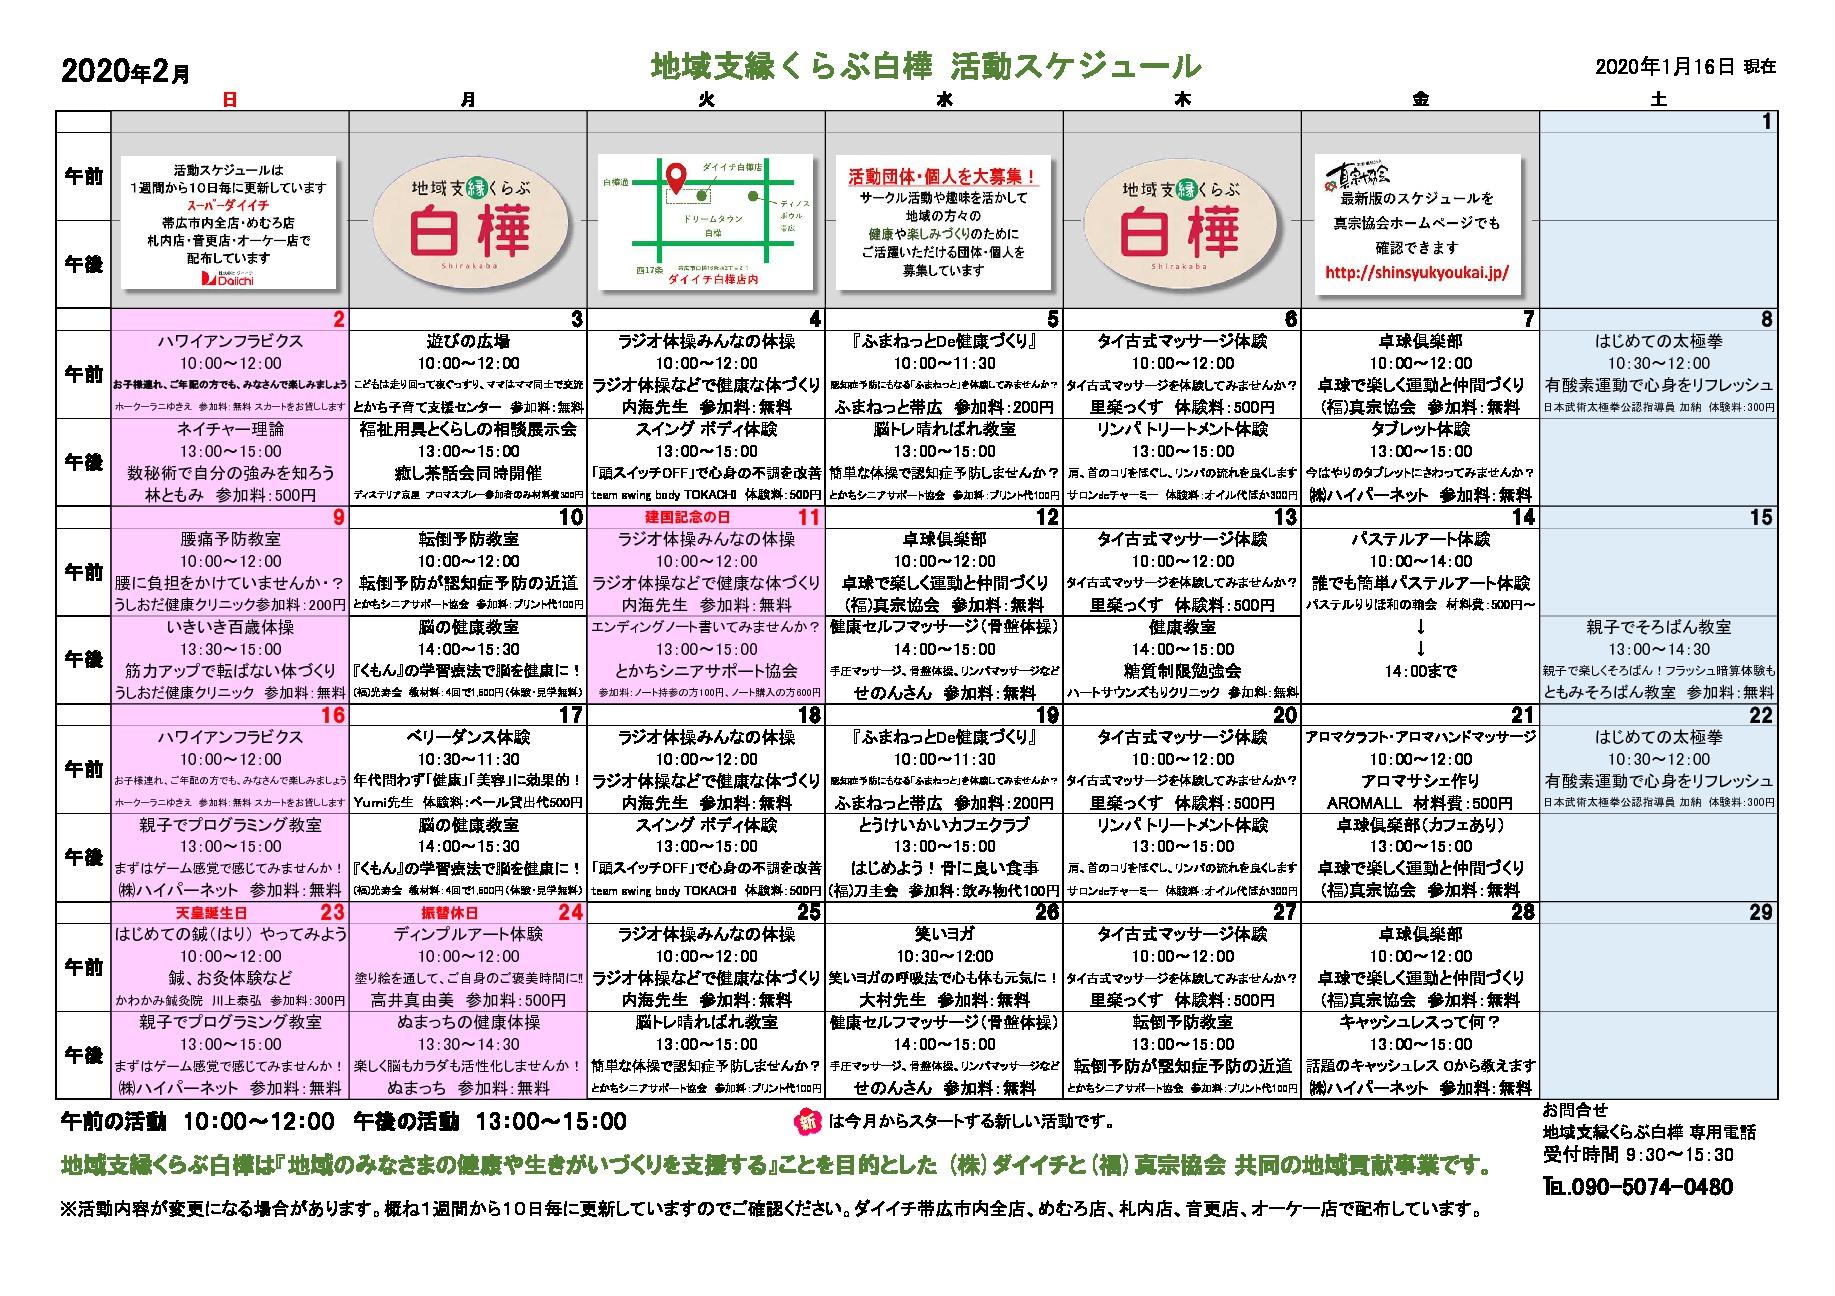 2019活動スケジュール2(2020.1.16付)のサムネイル